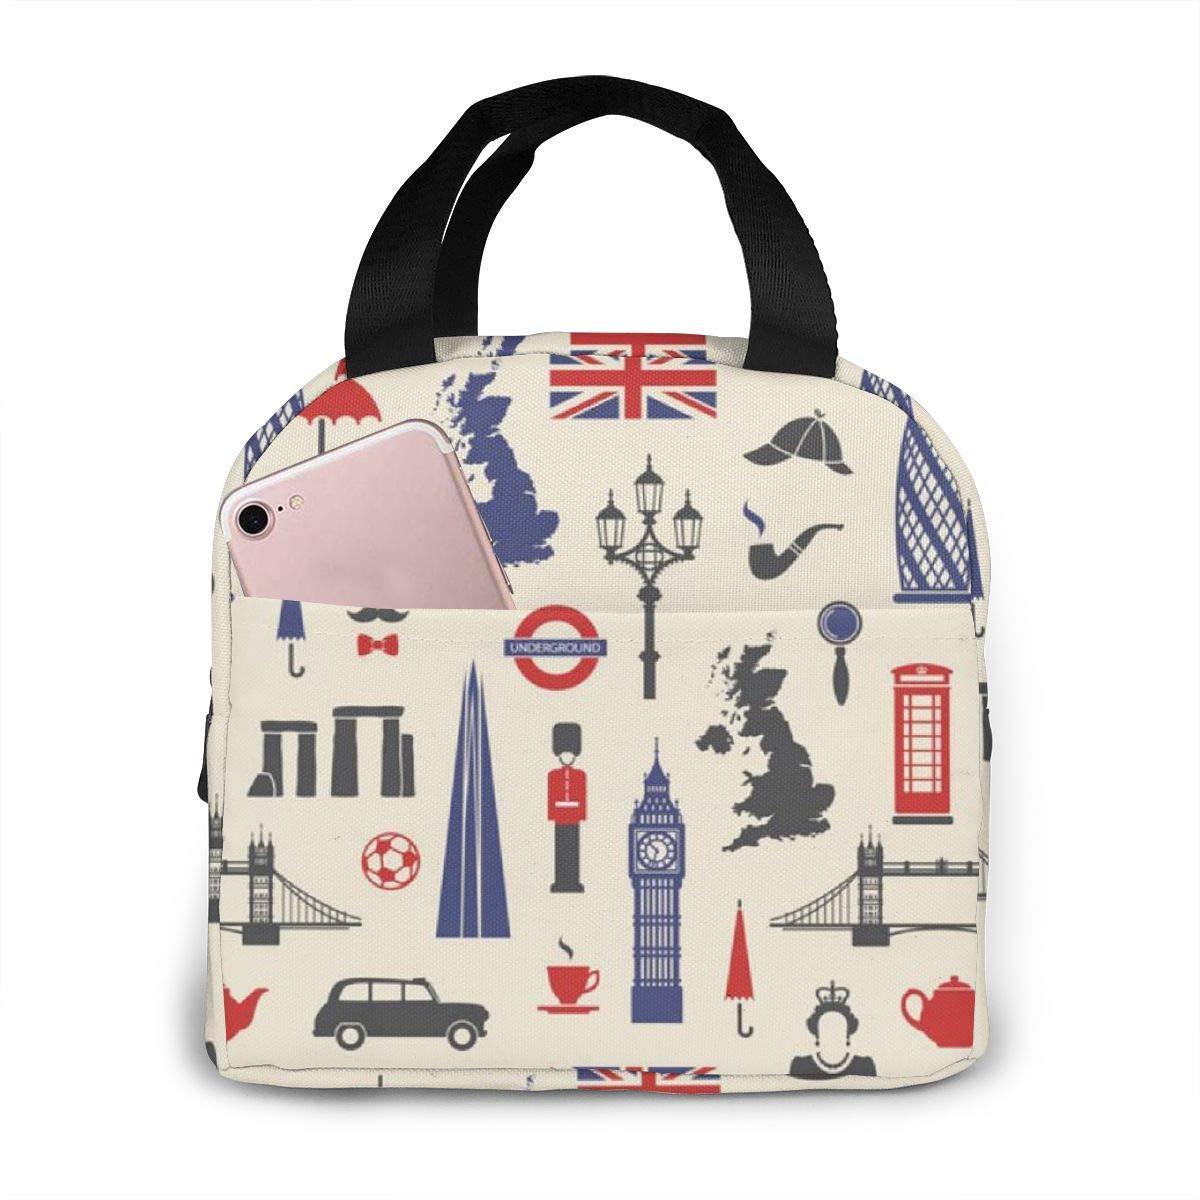 Inglaterra Londres Reino Unido Reutilizable Aislamiento Térmico Bolsa de almuerzo Estuche Bolsos Tote con cremallera para adultos Niños Enfermera Profesor Trabajo Picnic de viaje al aire libre: Amazon.es: Hogar